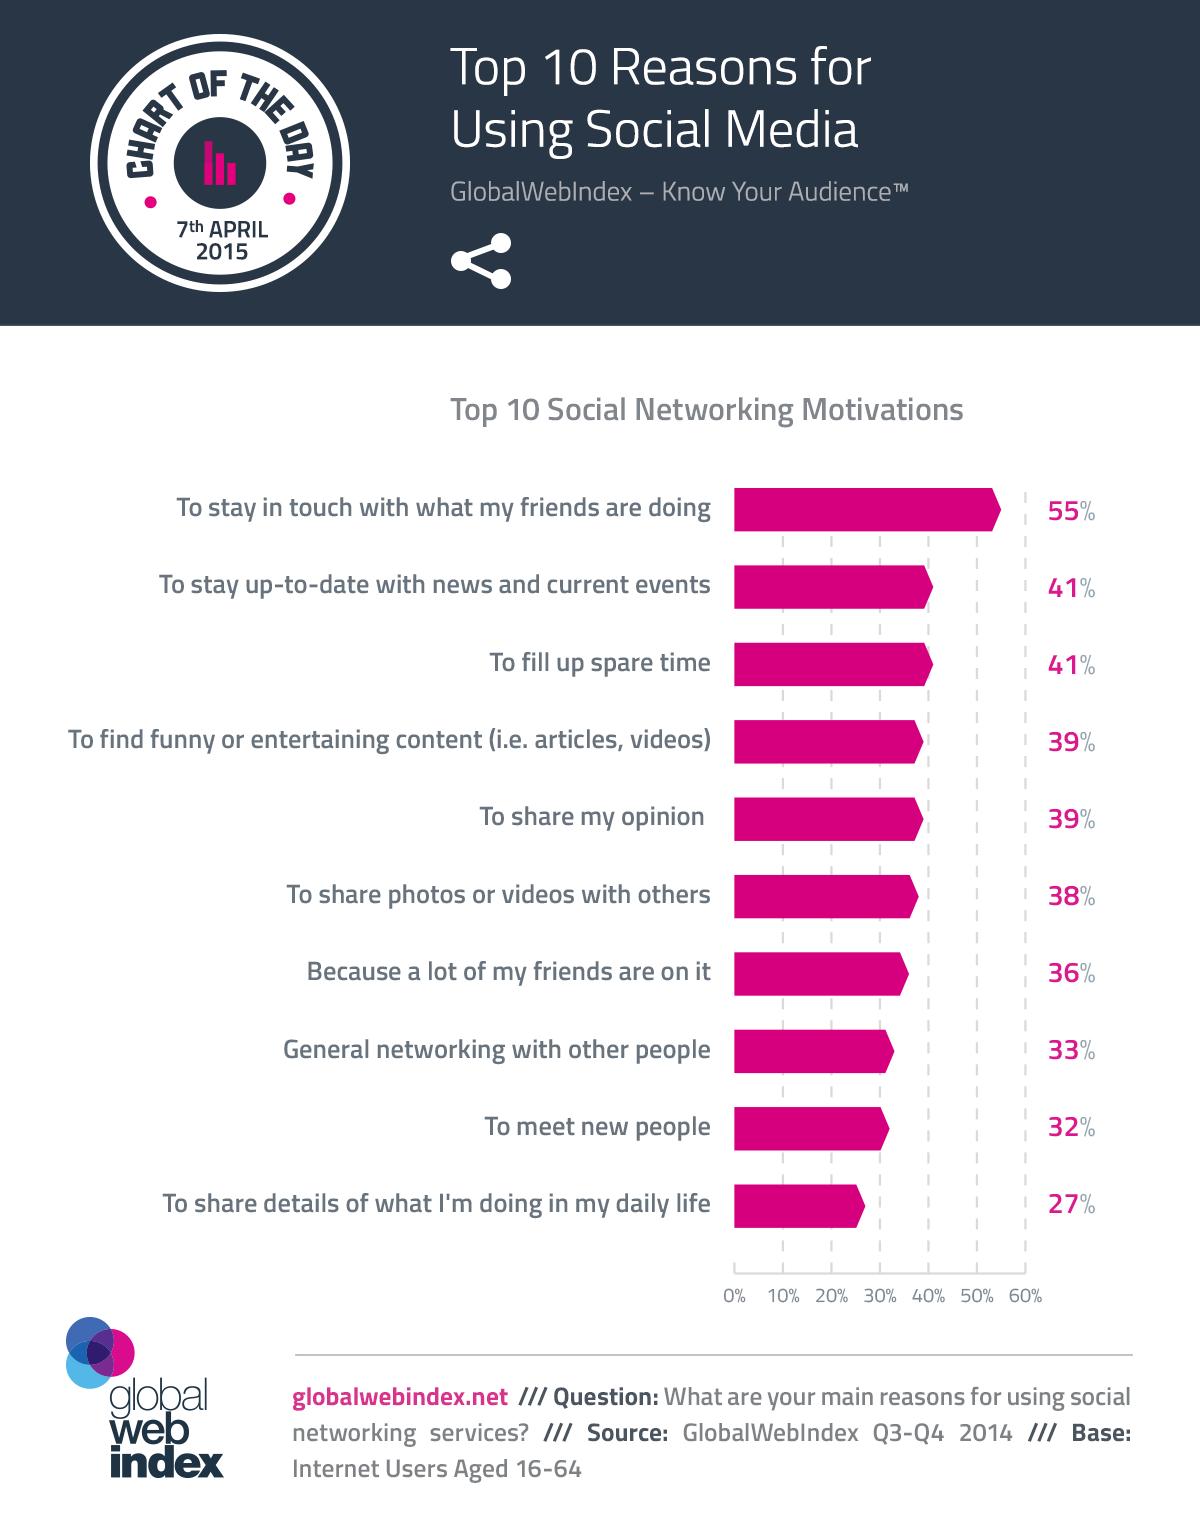 Las 10 principales razones por la que las personas usan los medios sociales